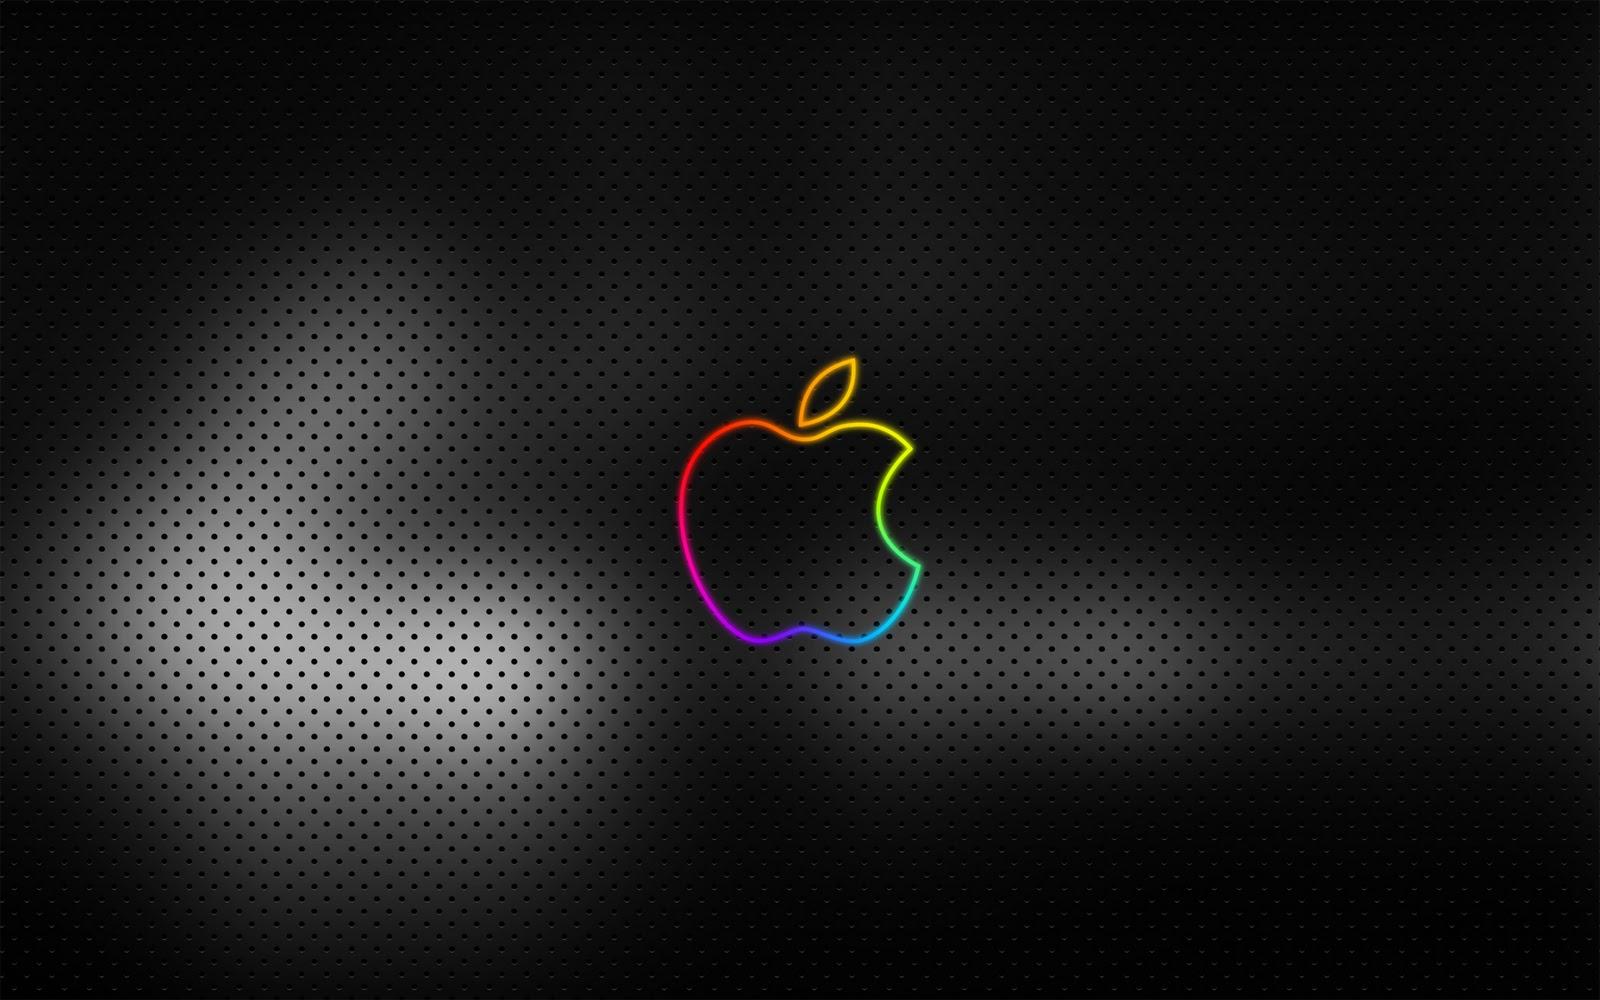 http://4.bp.blogspot.com/-NbL7T-NFuLo/T5414NYsrUI/AAAAAAAABno/PYcKLiaxKIg/s1600/Apple_Wallpaper_Desktop+(8).jpg